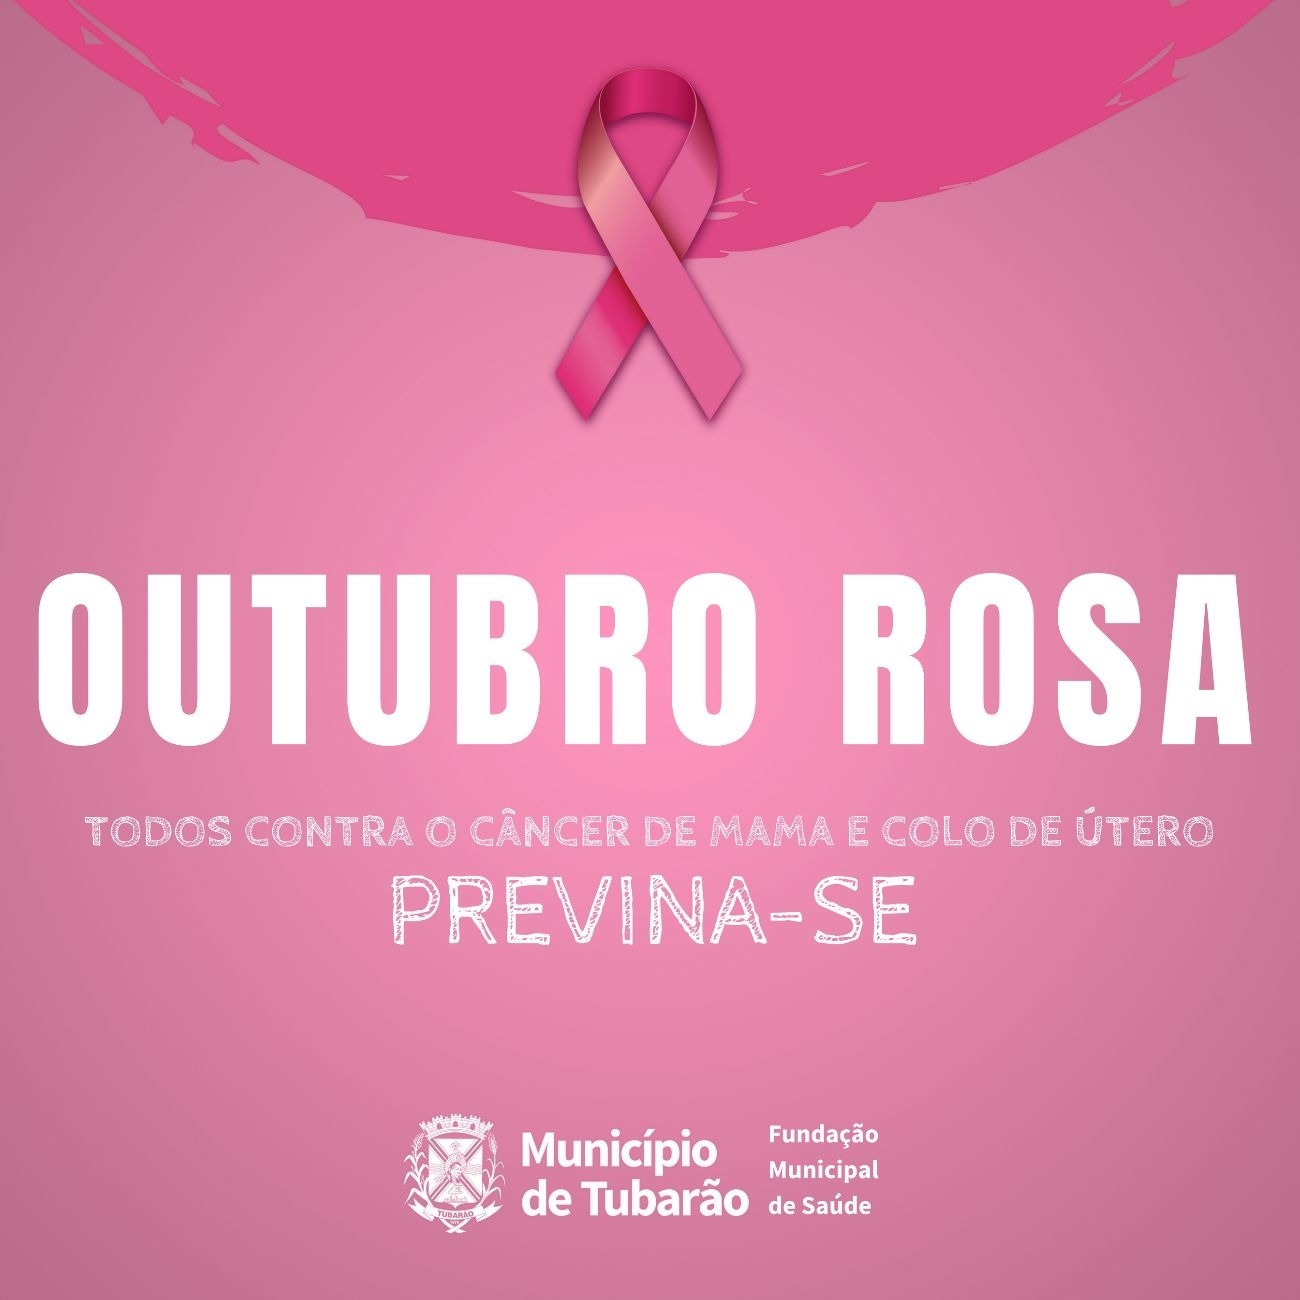 Outubro Rosa: Aspectos nutricionais e prevenção do câncer de mama